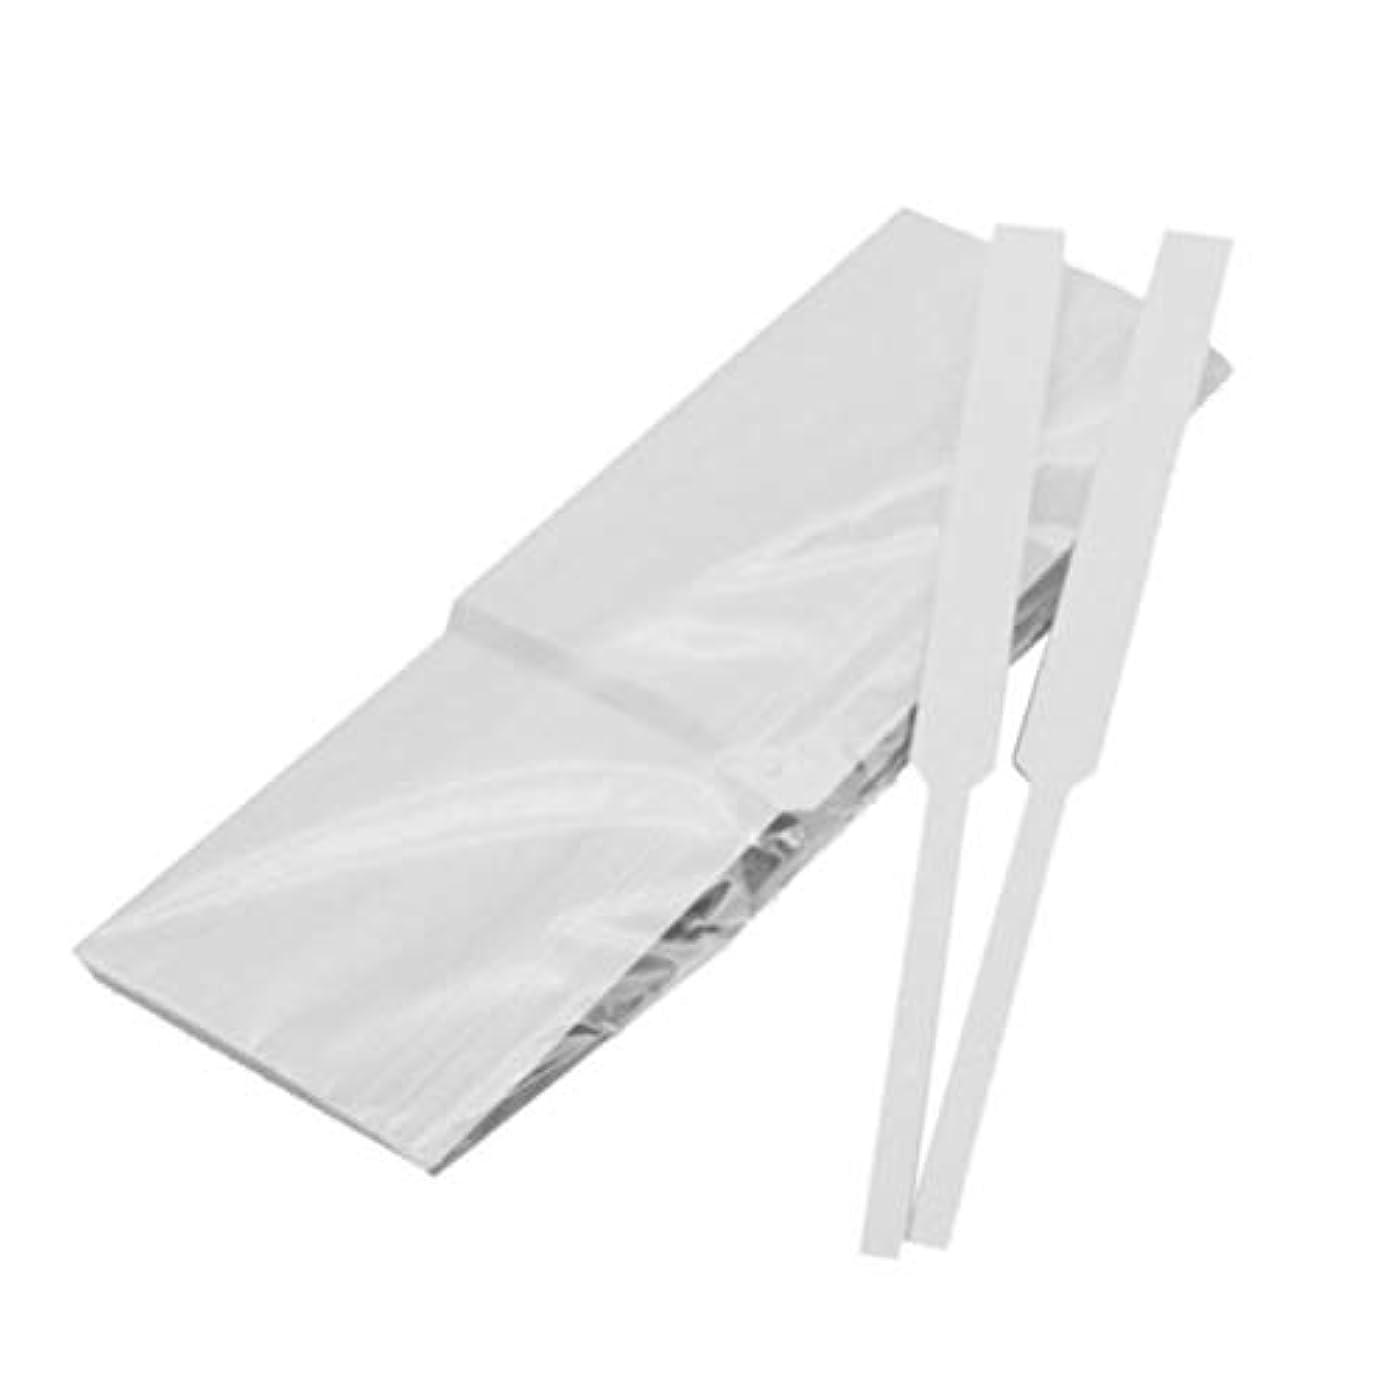 噴水静脈胚芽Frcolor 試香紙 香料試験紙 プロ用 香水 香水テストストリップ 匂い紙 アロマテラピー ペーパー 100本セット(スタイル1)